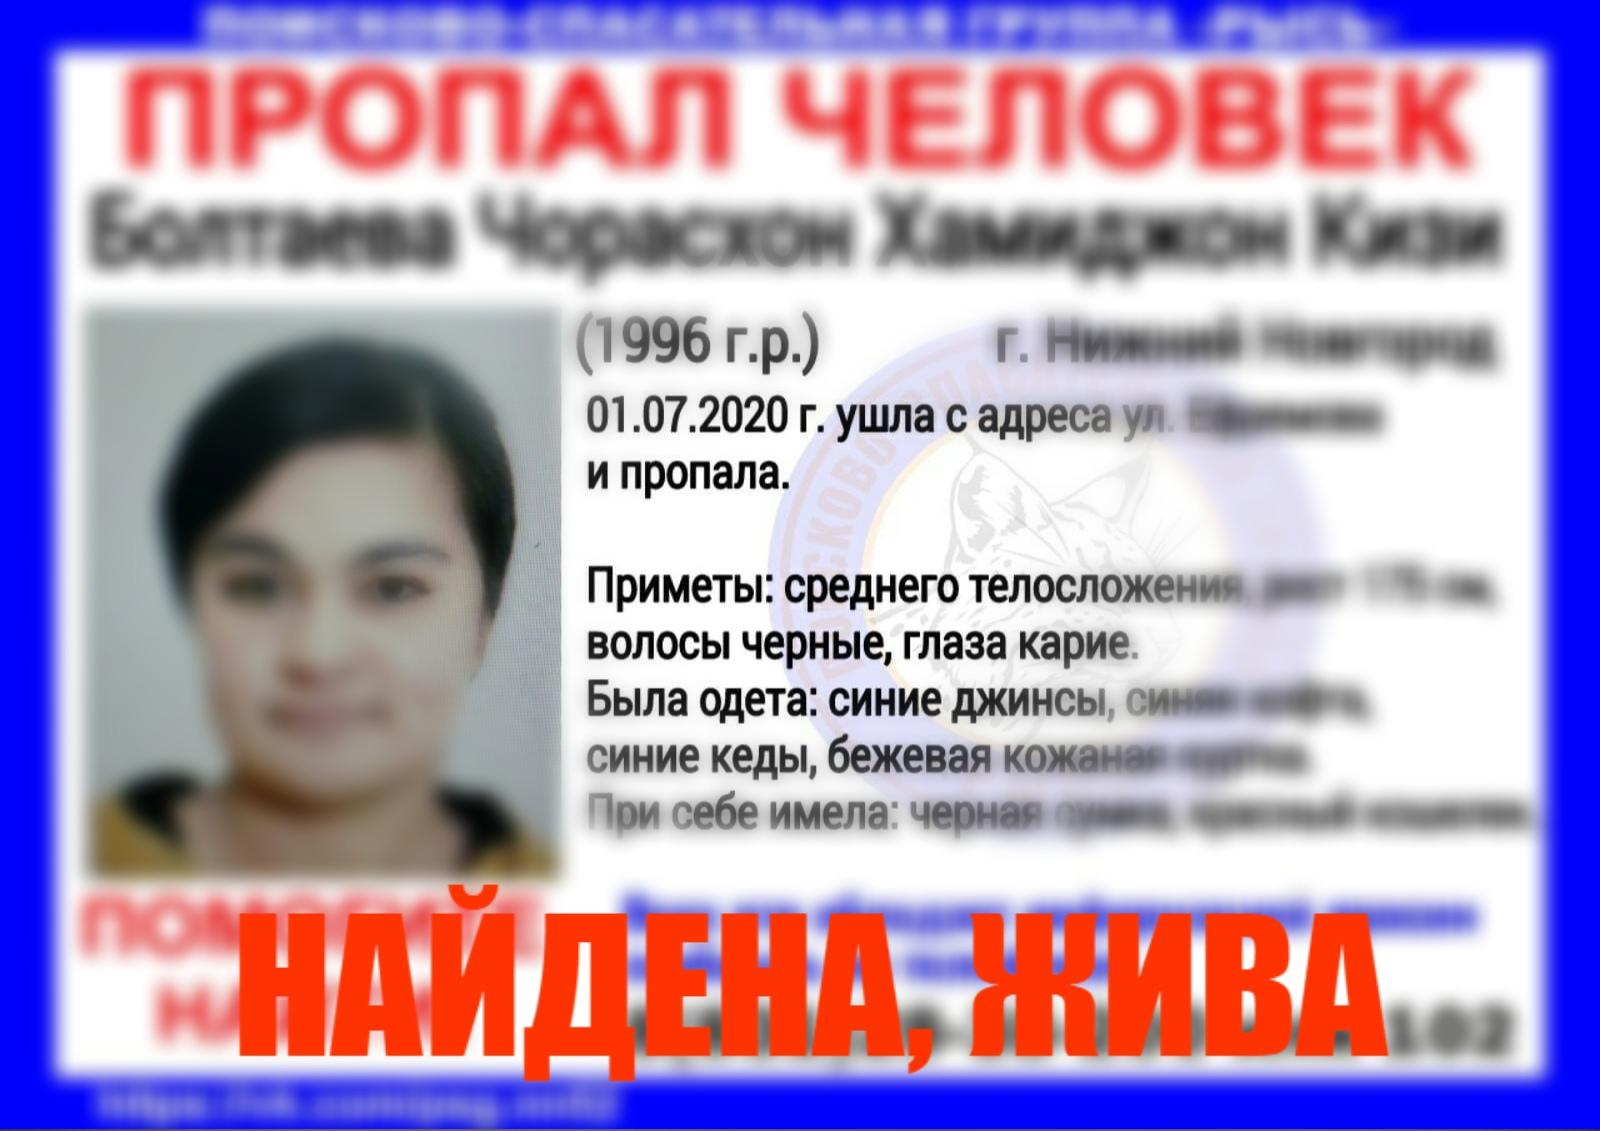 Болтаева Чорахсон Хамиджон Кизи, 1996 г.р., г. Нижний Новгород